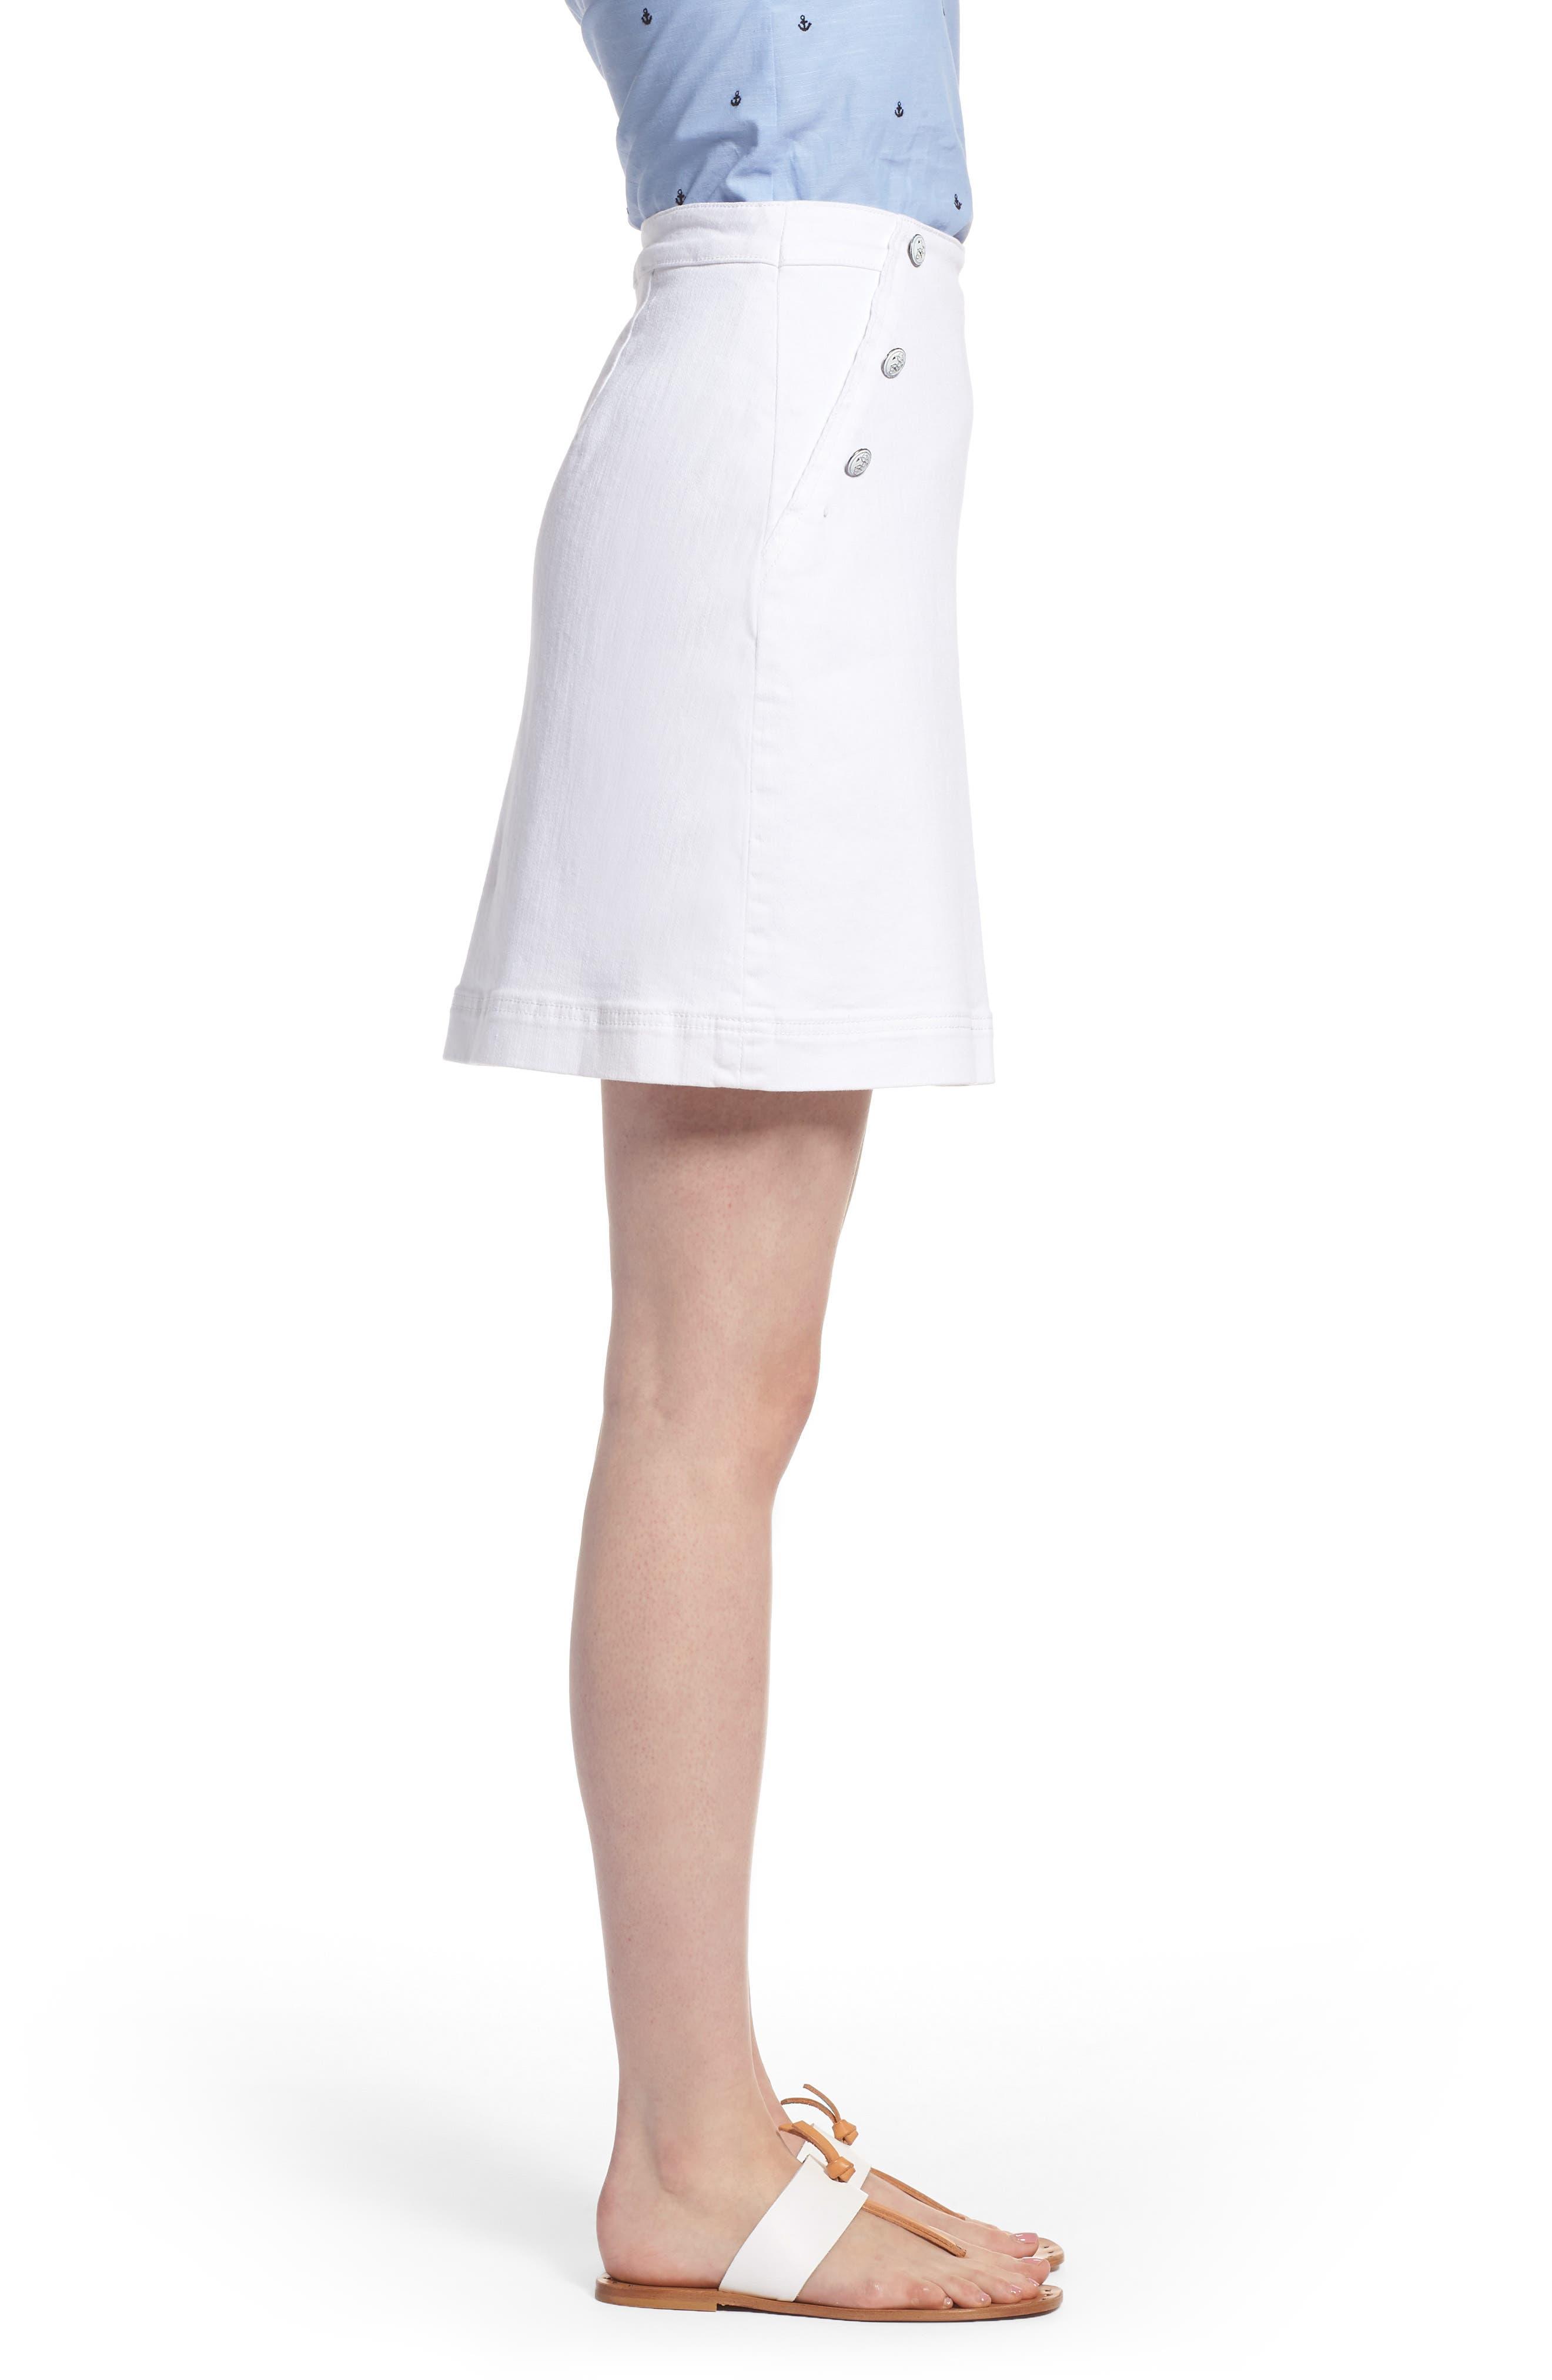 Sailor Button White Denim Skirt,                             Alternate thumbnail 3, color,                             White